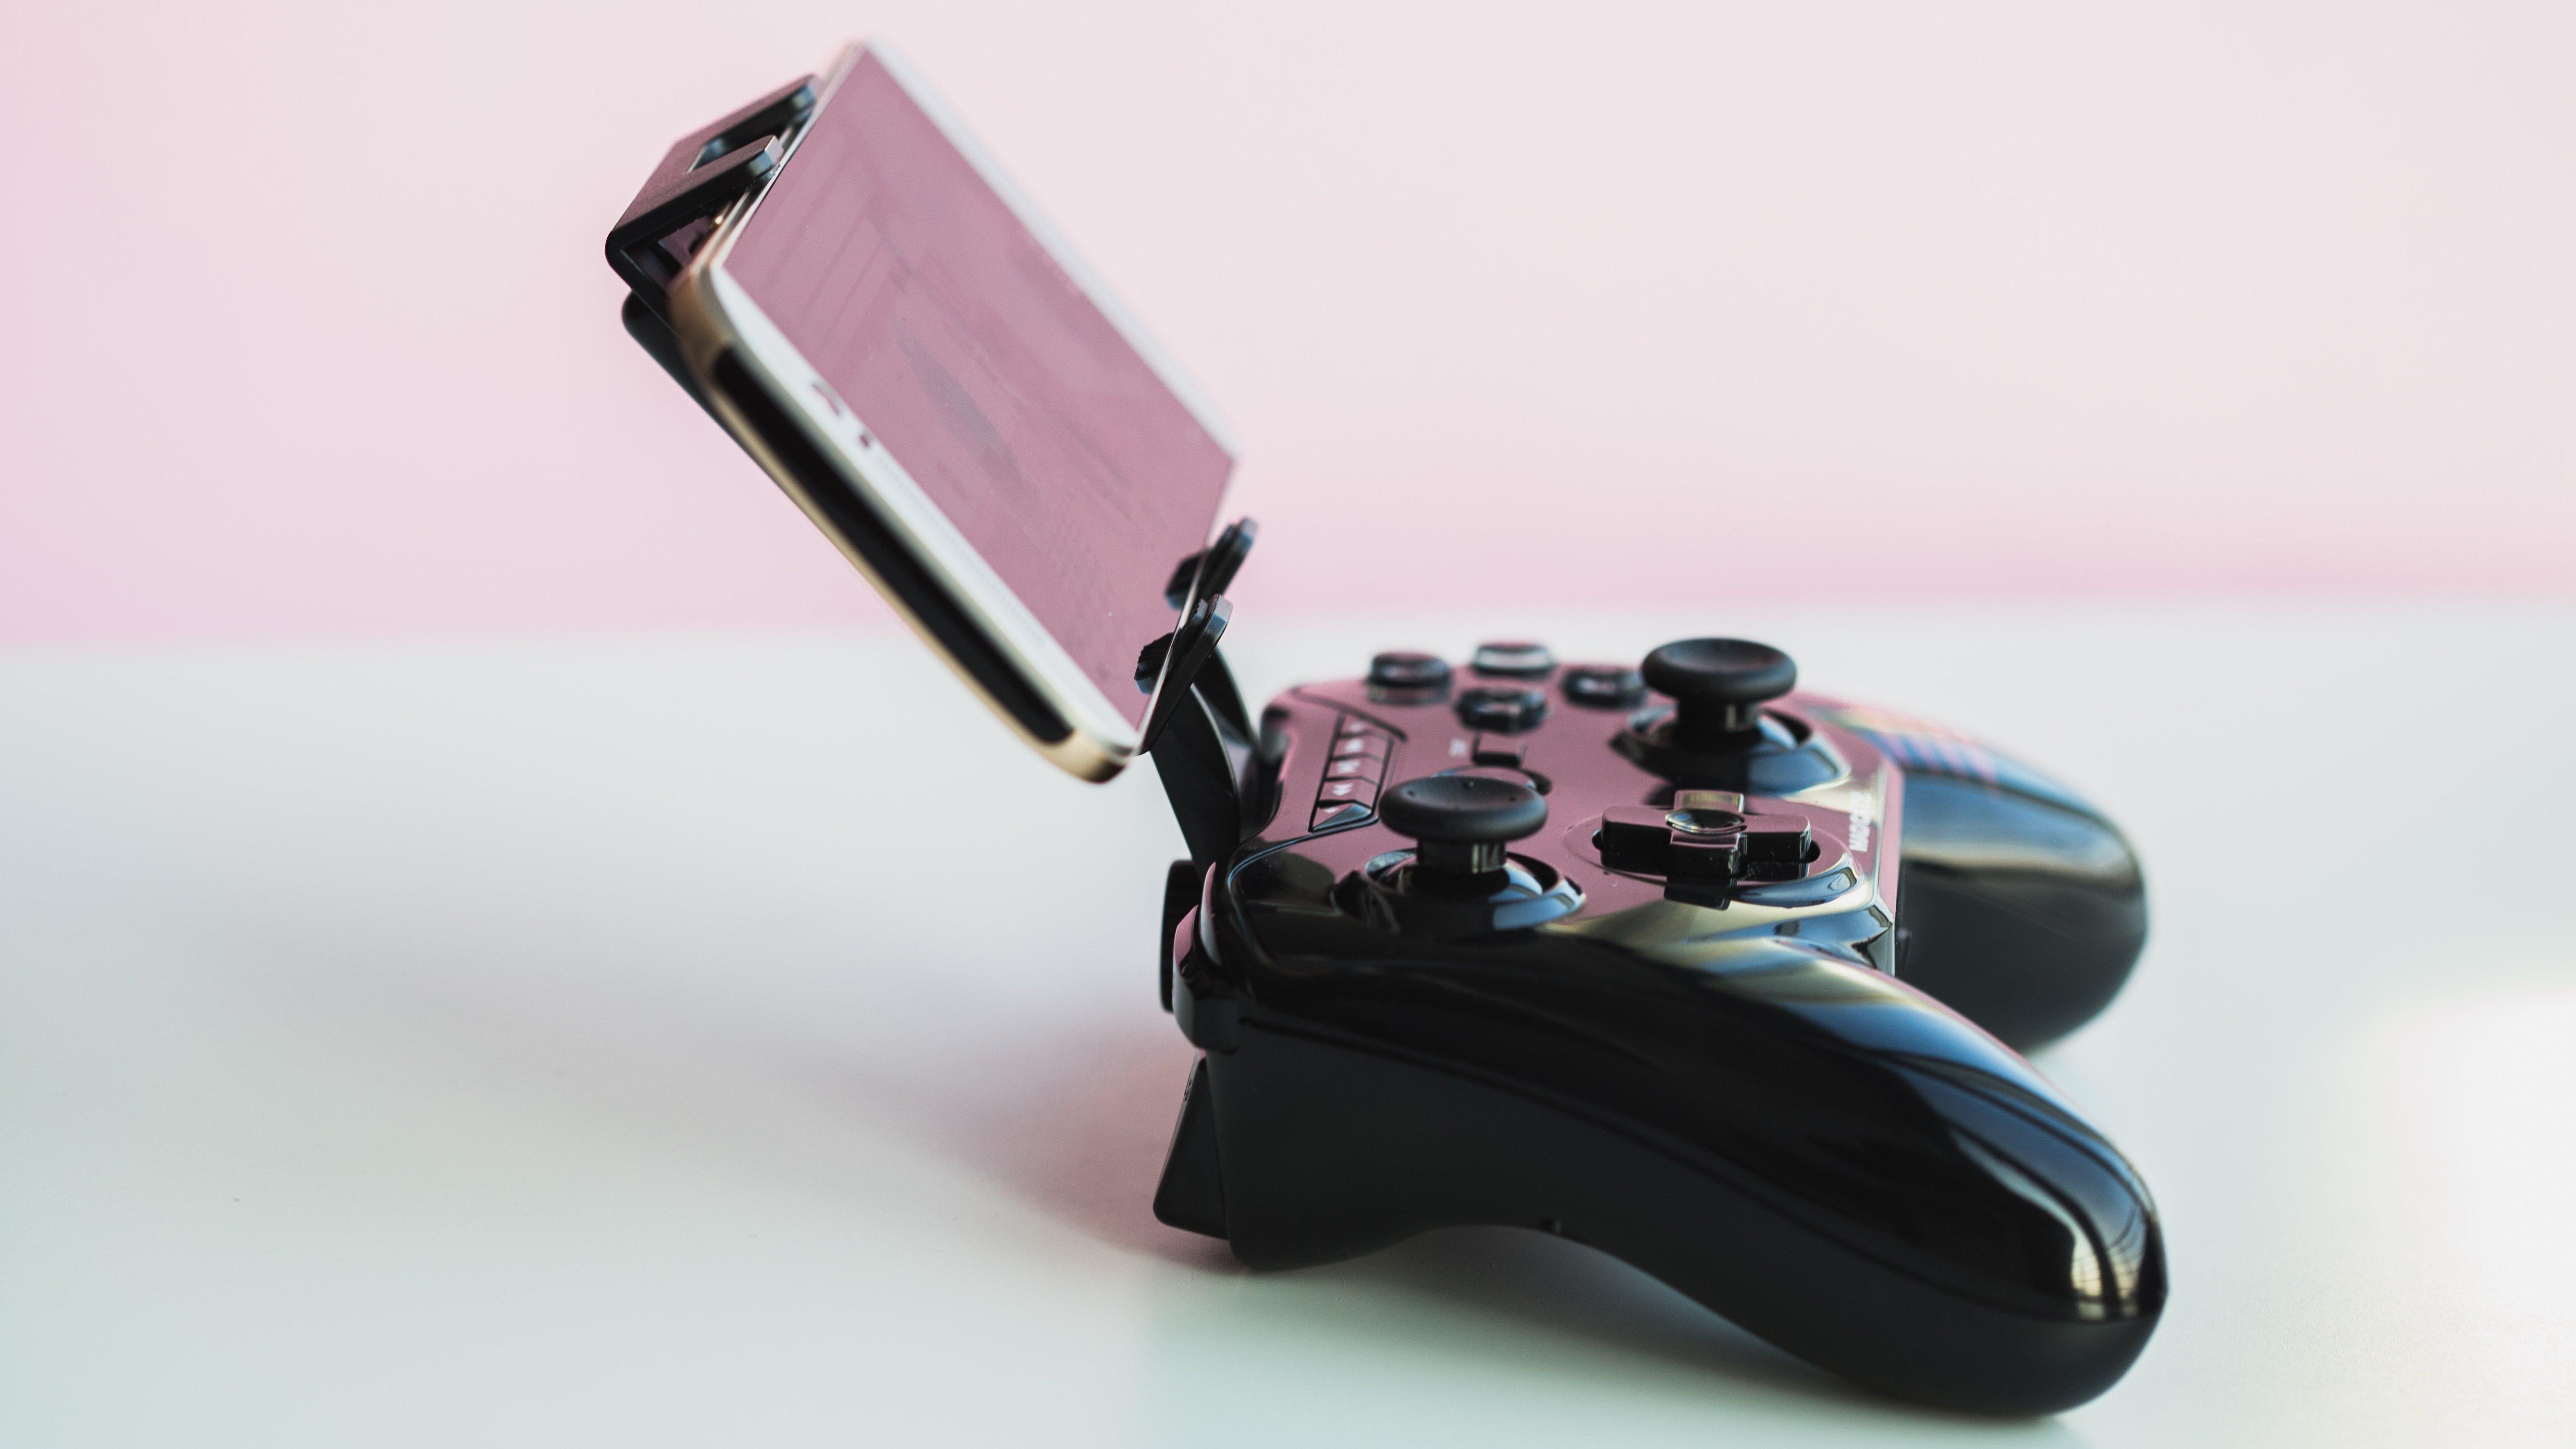 The Elder Scrolls: Blades: Ist Euer Smartphone kompatibel?